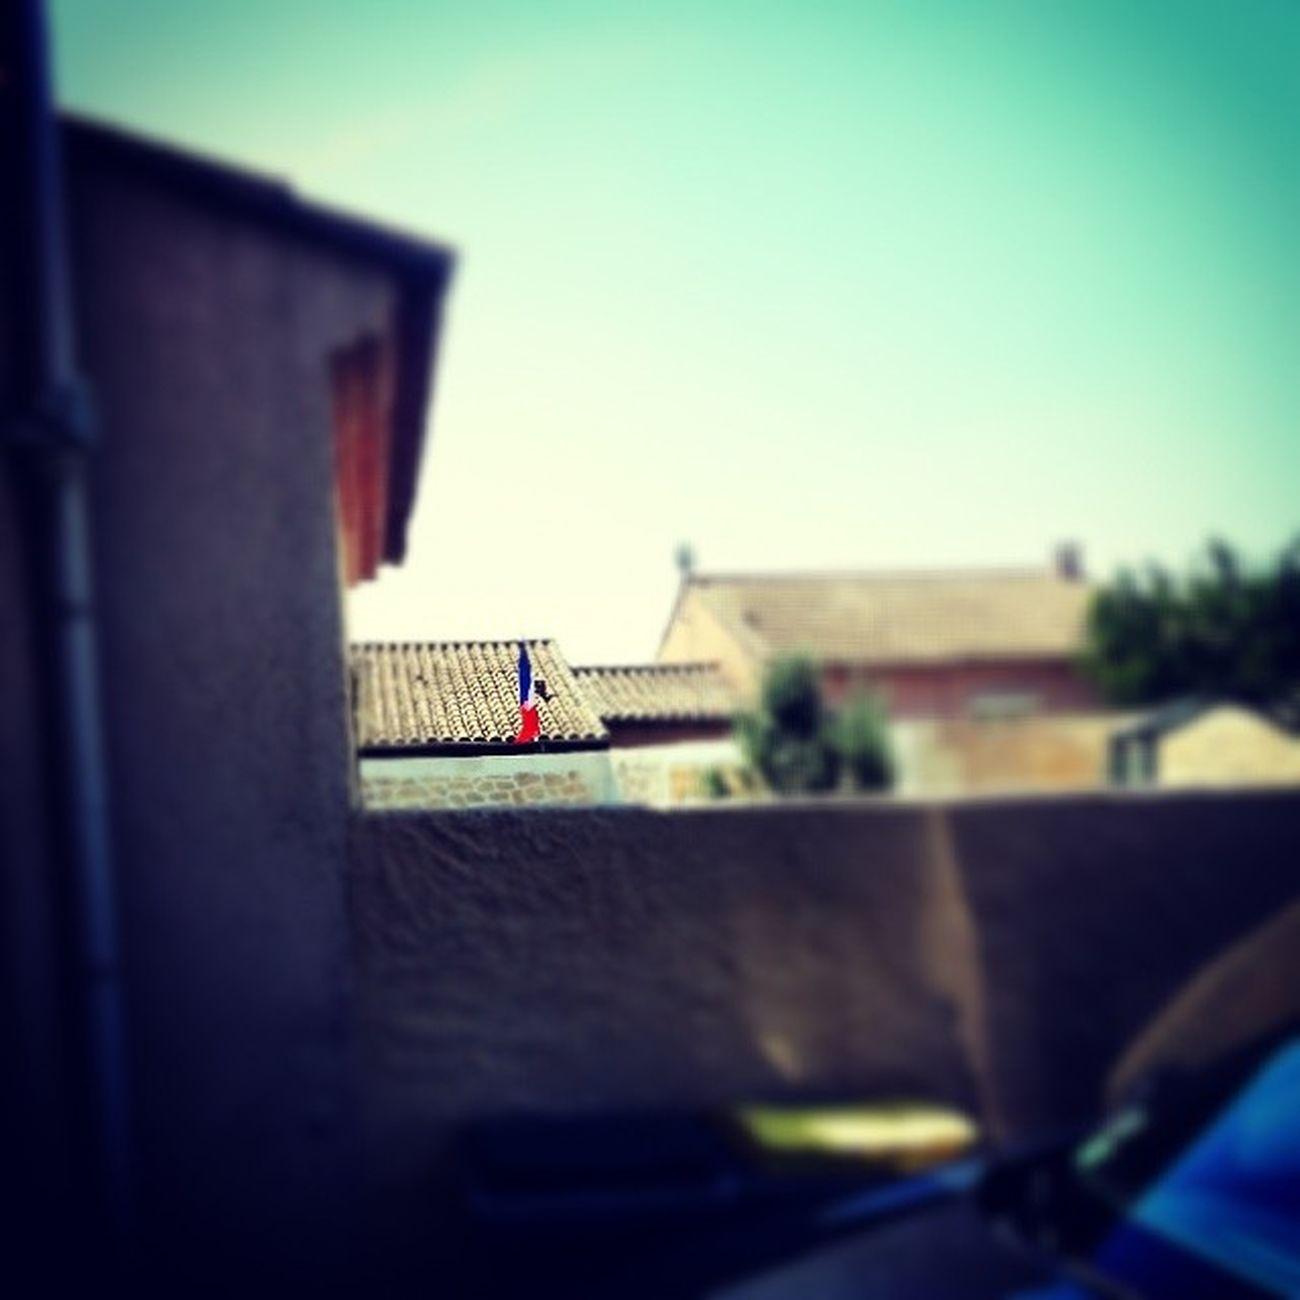 Mes voisins et le drapeau de la France :p. CDM France Bleu Blanc rouge foot